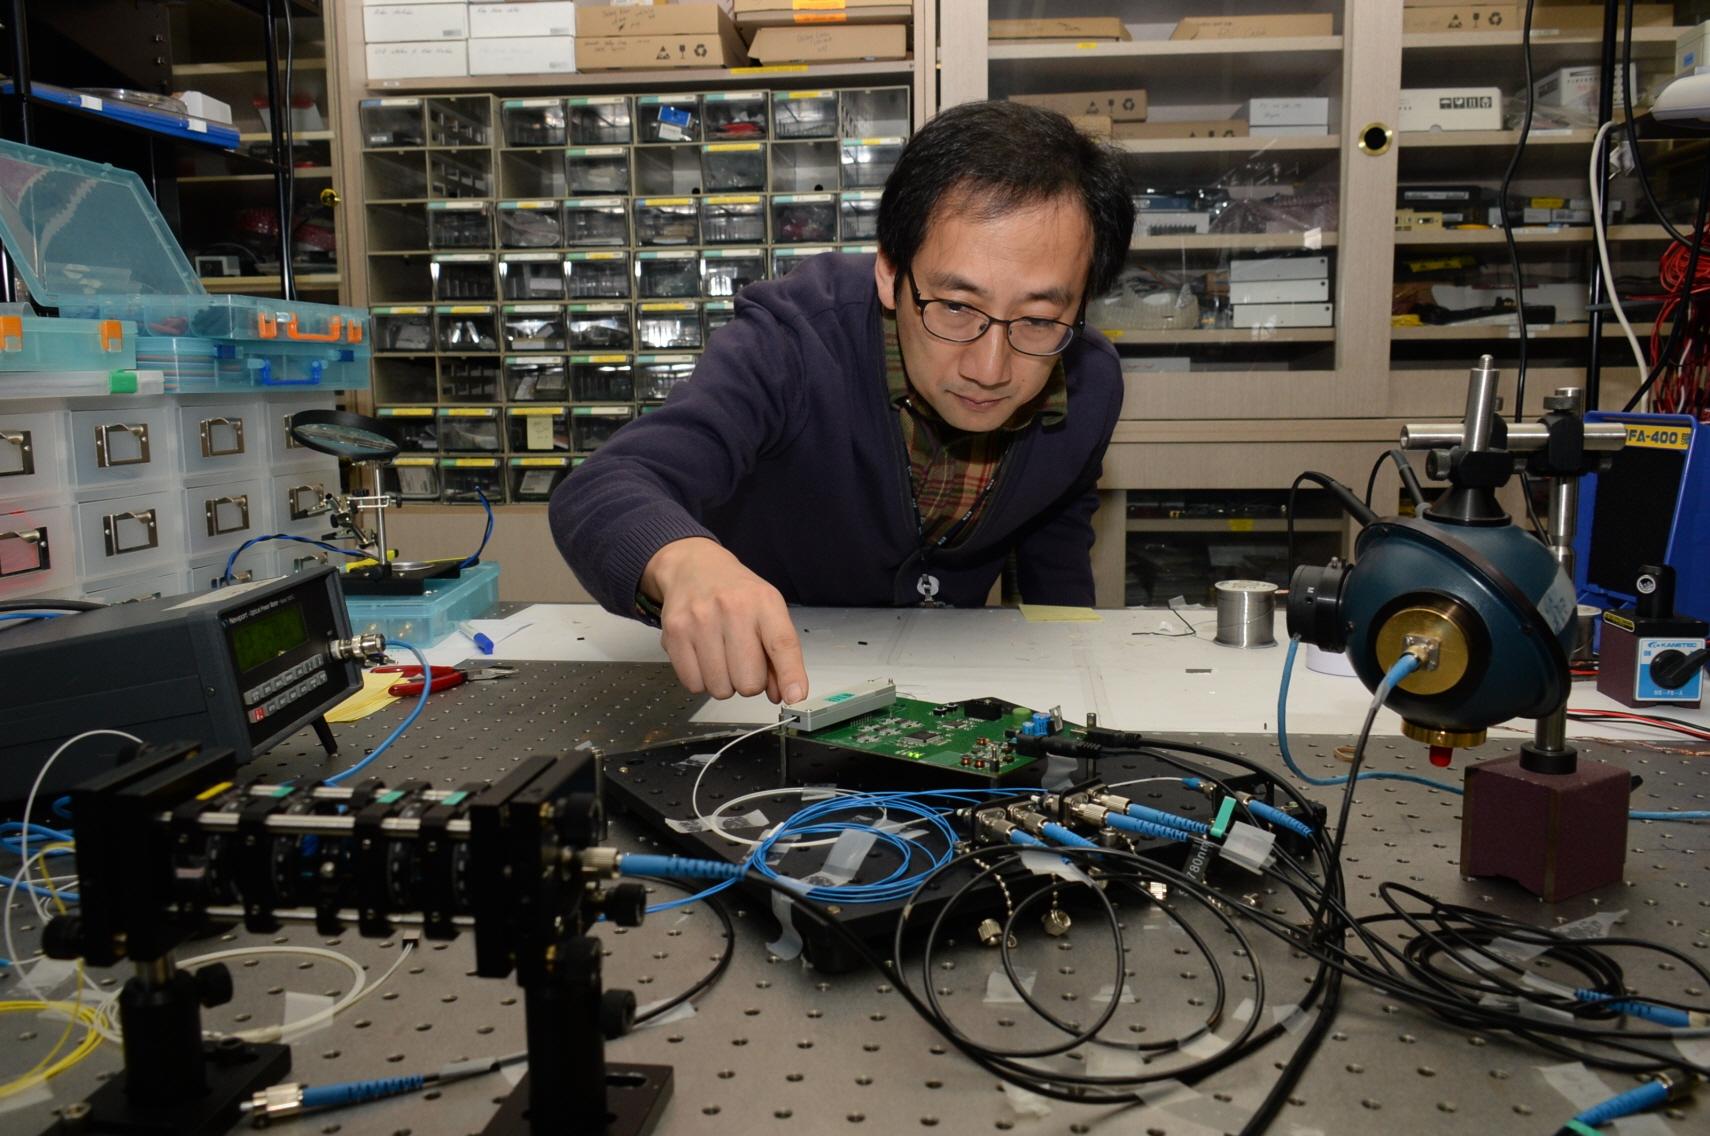 한국이 주도해 개발한 양자암호통신 네트워크 기술이 국제전기통신연합 국제회의에서 양자암호통신 기술 중 처음으로 국제표준으로 채택돼다. 사진은 한국전자통신연구원과 한국과학기술연구원이 개발한 무선 양자암호통신용 양자신호 송수신기 부품 시연 모습. 두 기관은 관련 부품의 소형화를 세계 최초로 성공했다. 한국전자통신연구원 제공